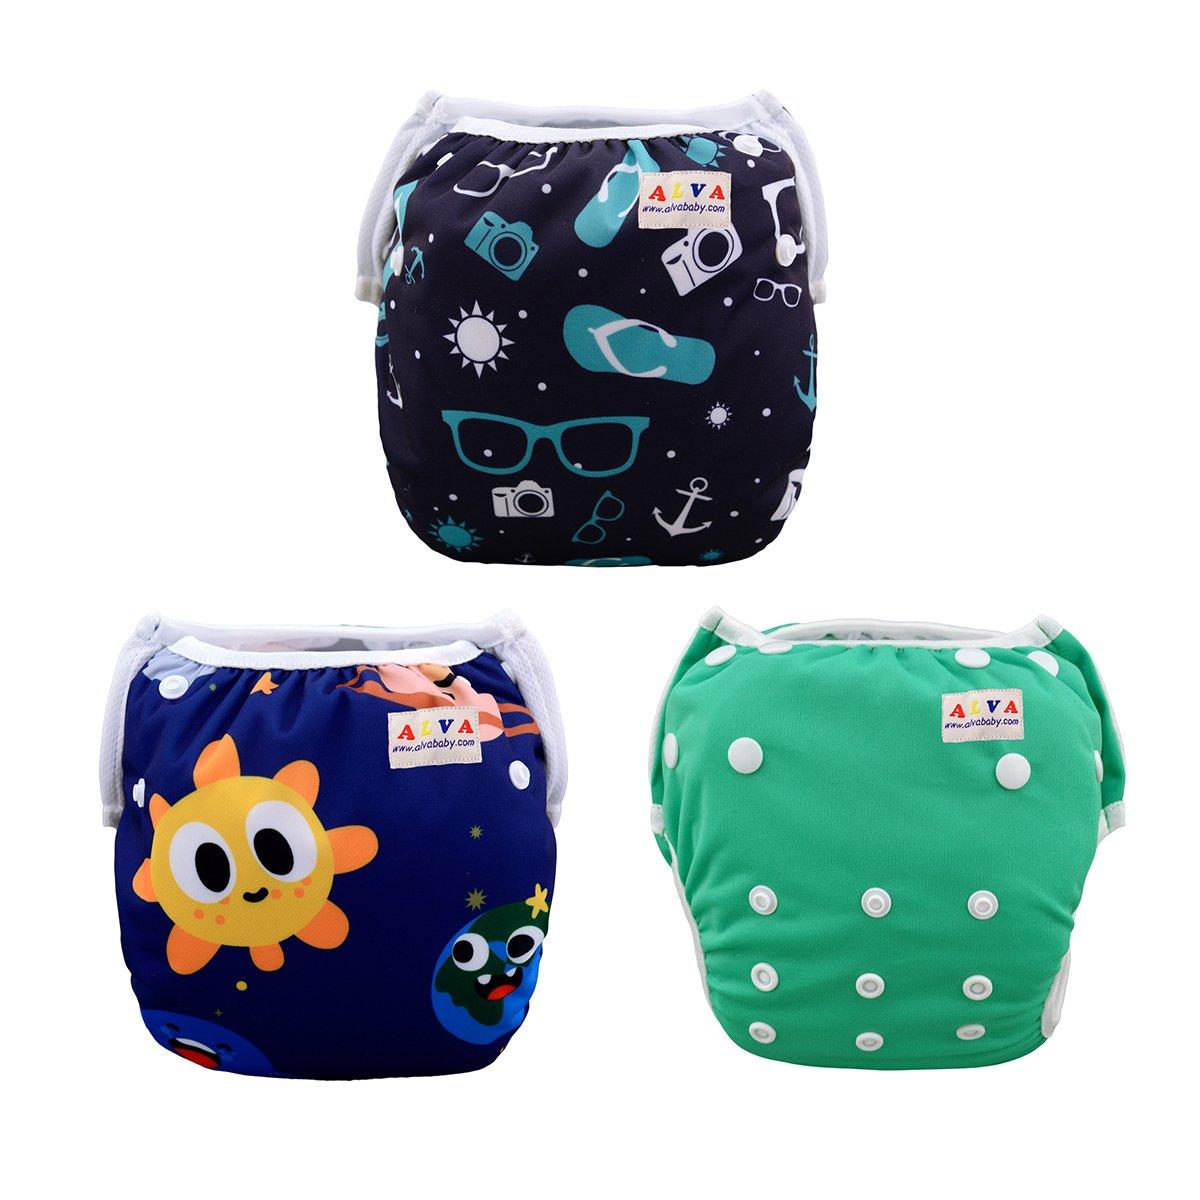 ALVABABY Baby Swim Underwear, Reuseable Washable Adjustable Swim Diapers, Baby Boy Swim Diaper 0-2 Years 3SWB01 3SWB01-625